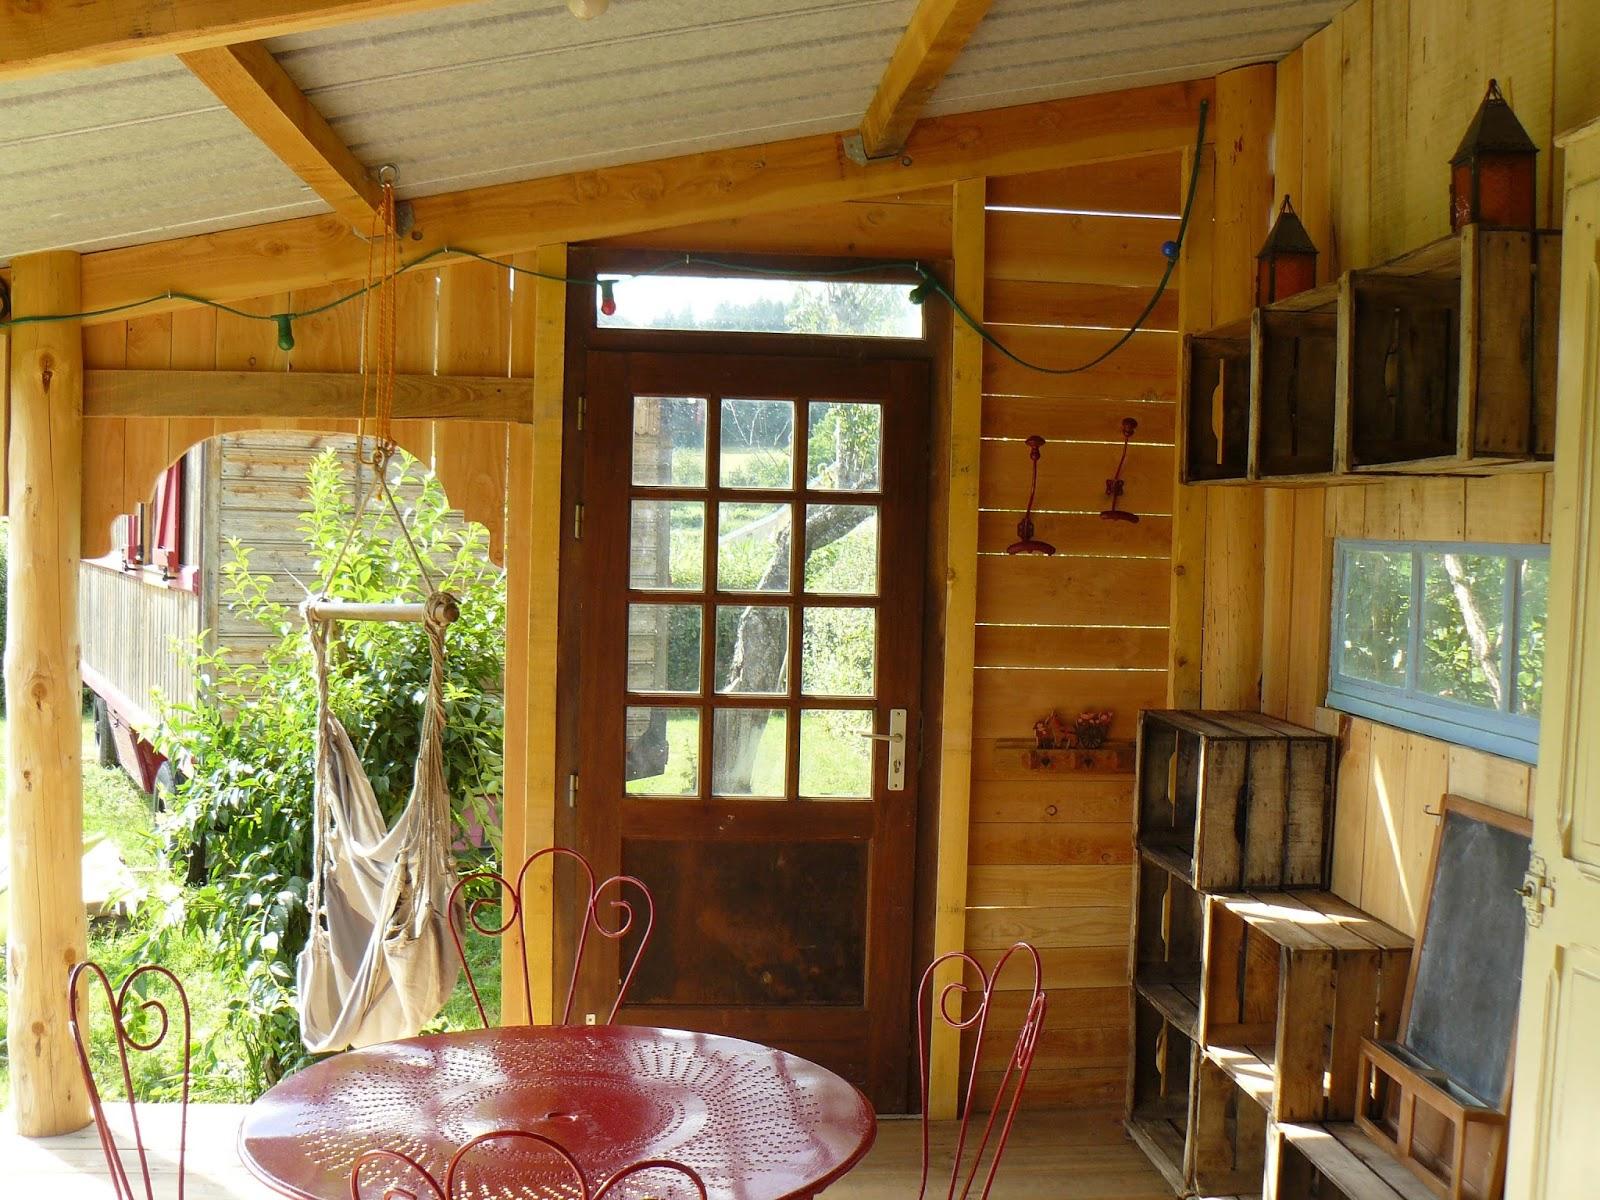 g te insolite roulotte de la fay bourgogne dompierre les ormes et pour votre confort. Black Bedroom Furniture Sets. Home Design Ideas